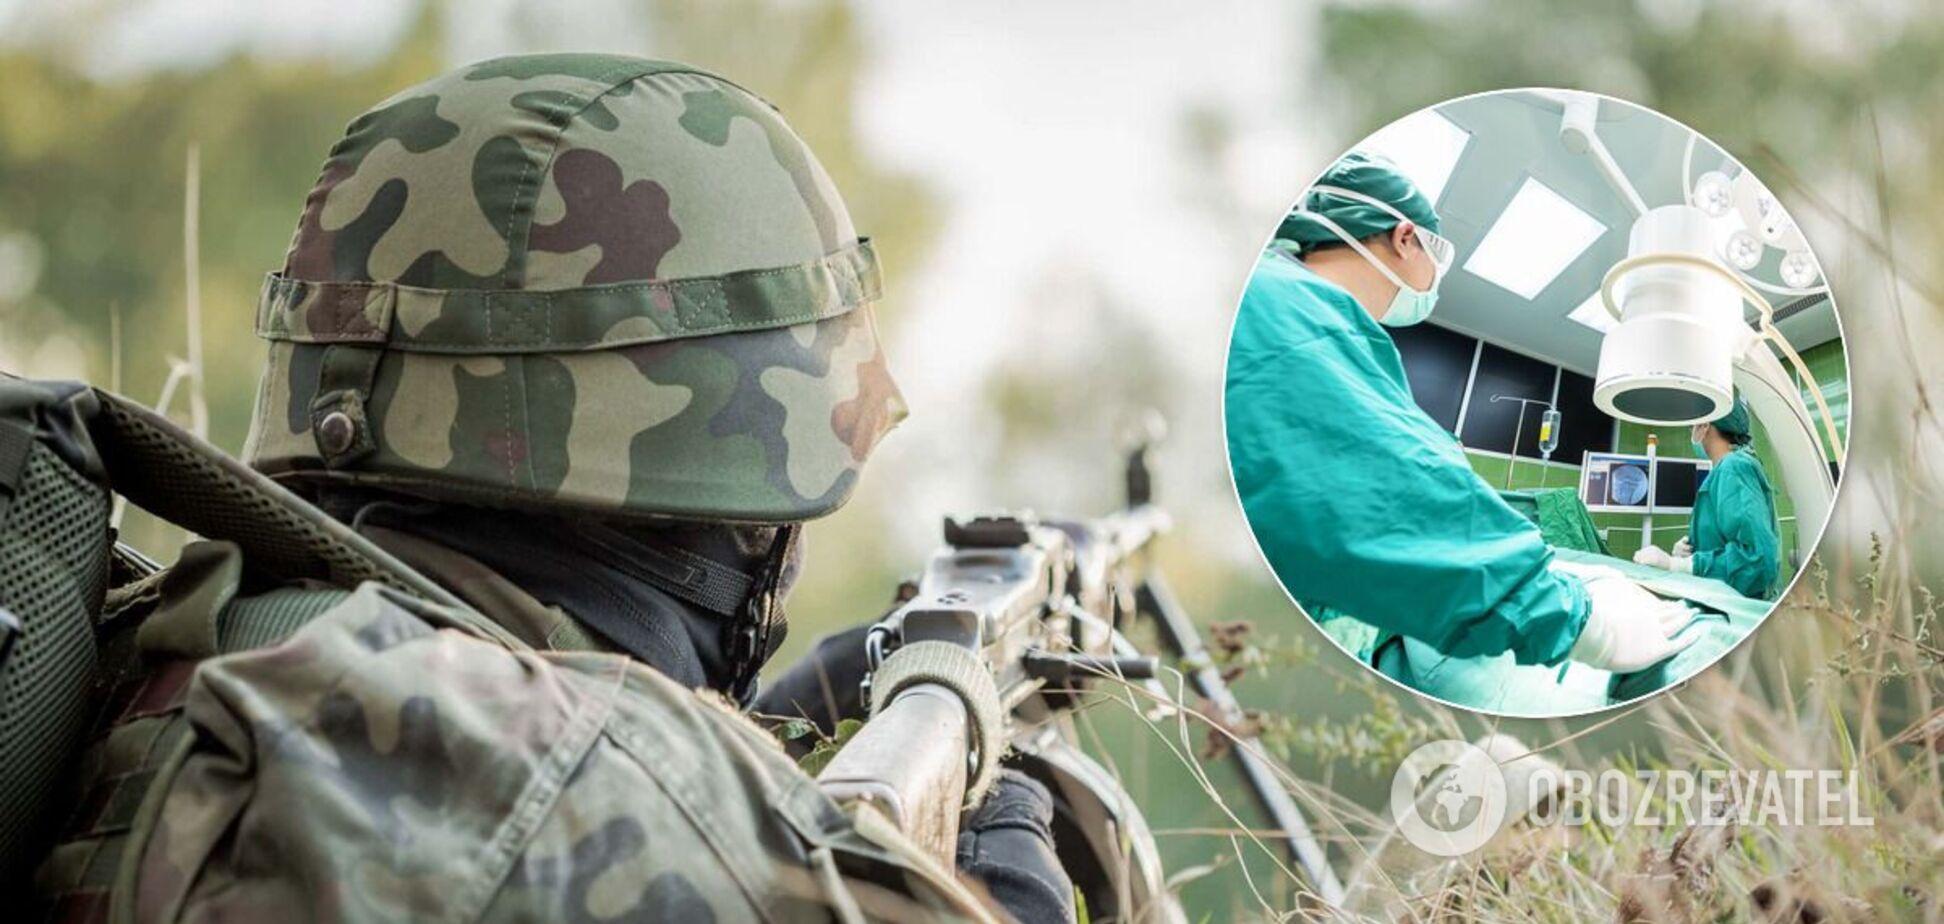 З'явилися подробиці про пораненого на Донбасі бійця ОС: медики рятують його життя